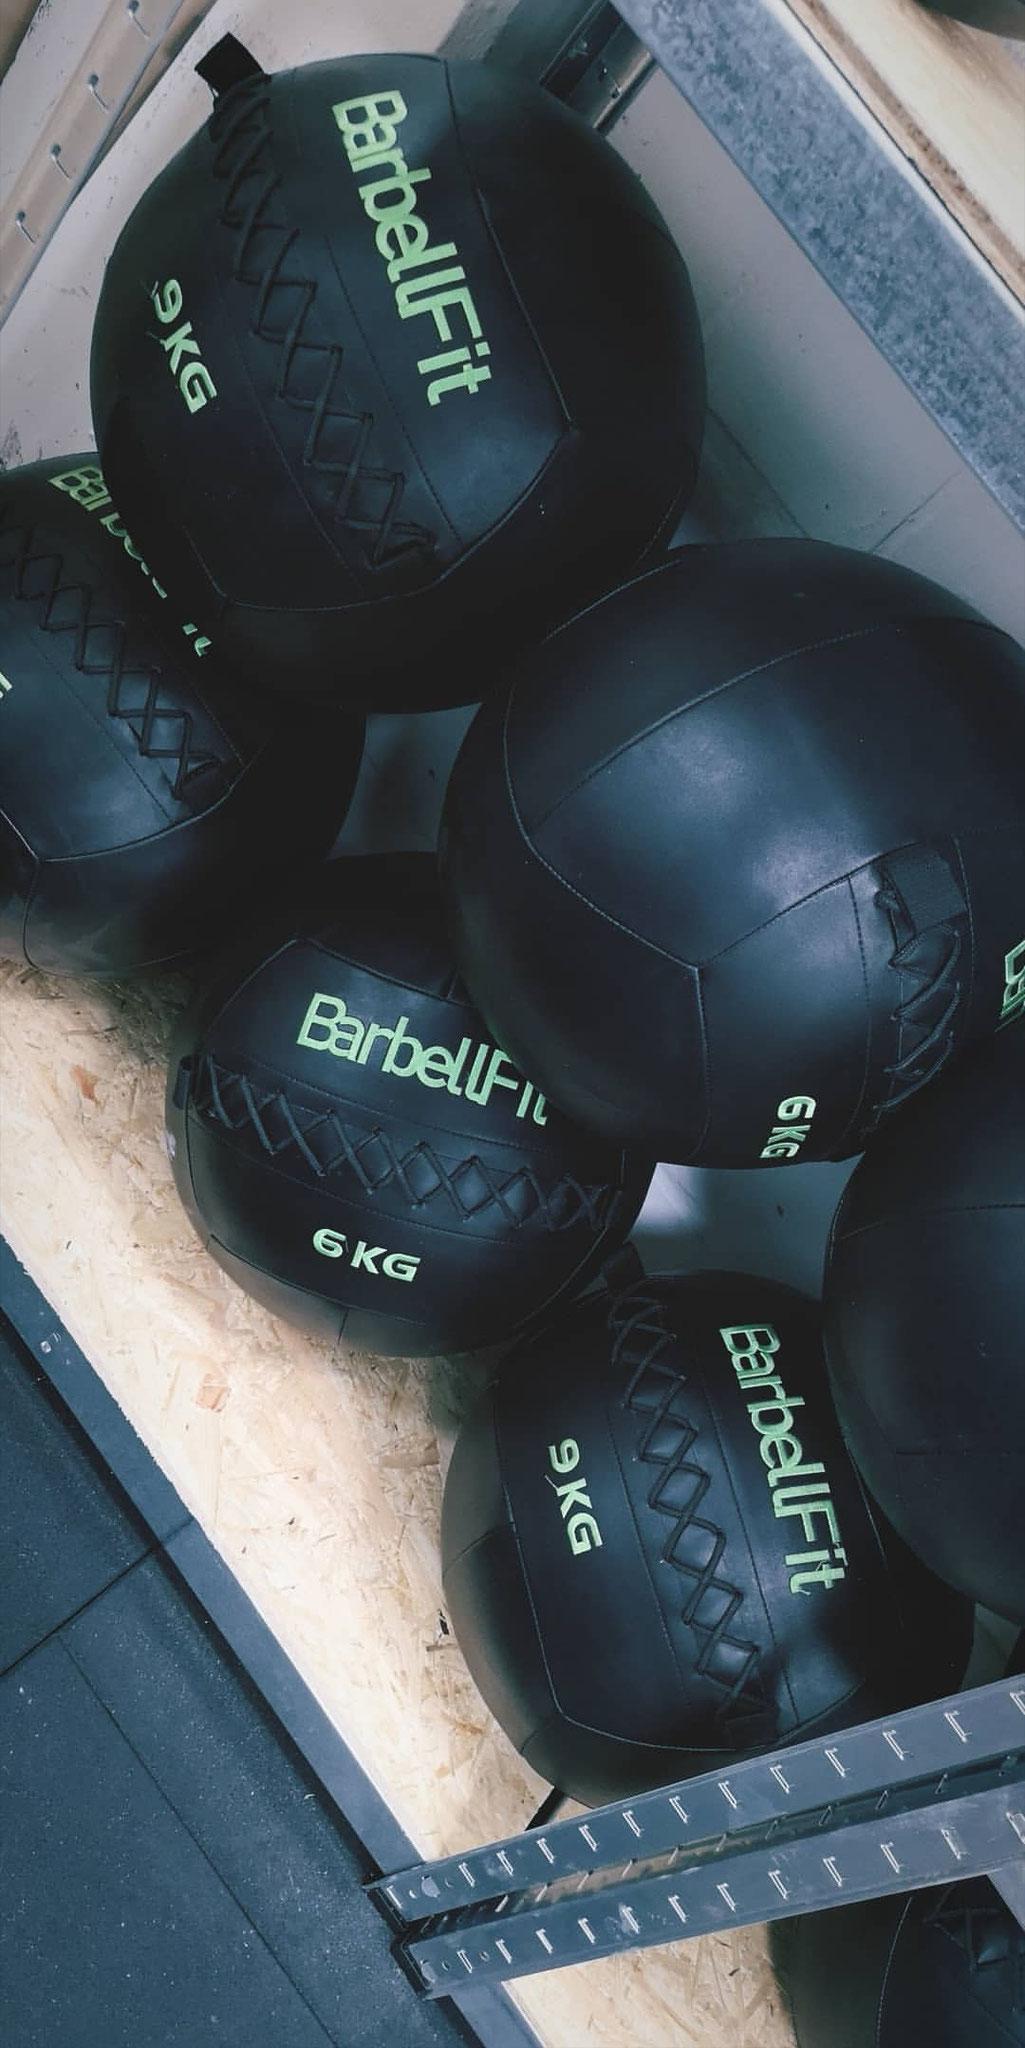 Barbellfit MedBalls